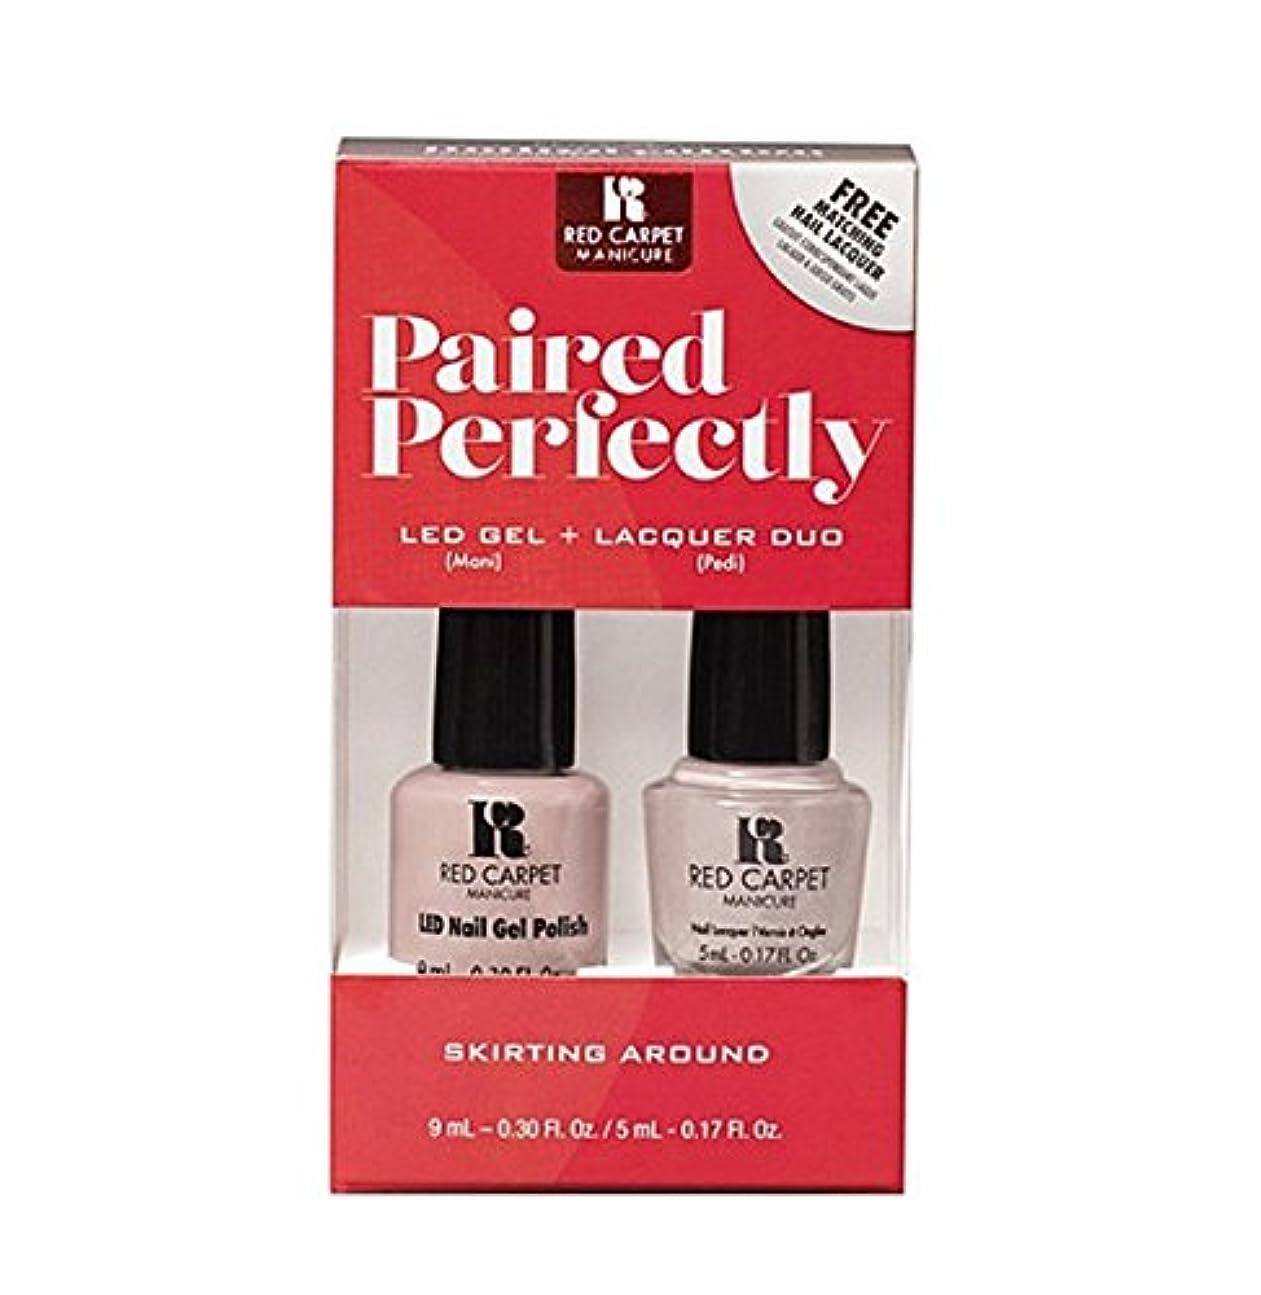 顕著あいさつ相談Red Carpet Manicure - Paired Perfectly GEL & Lacquer DUO - Skirting Around